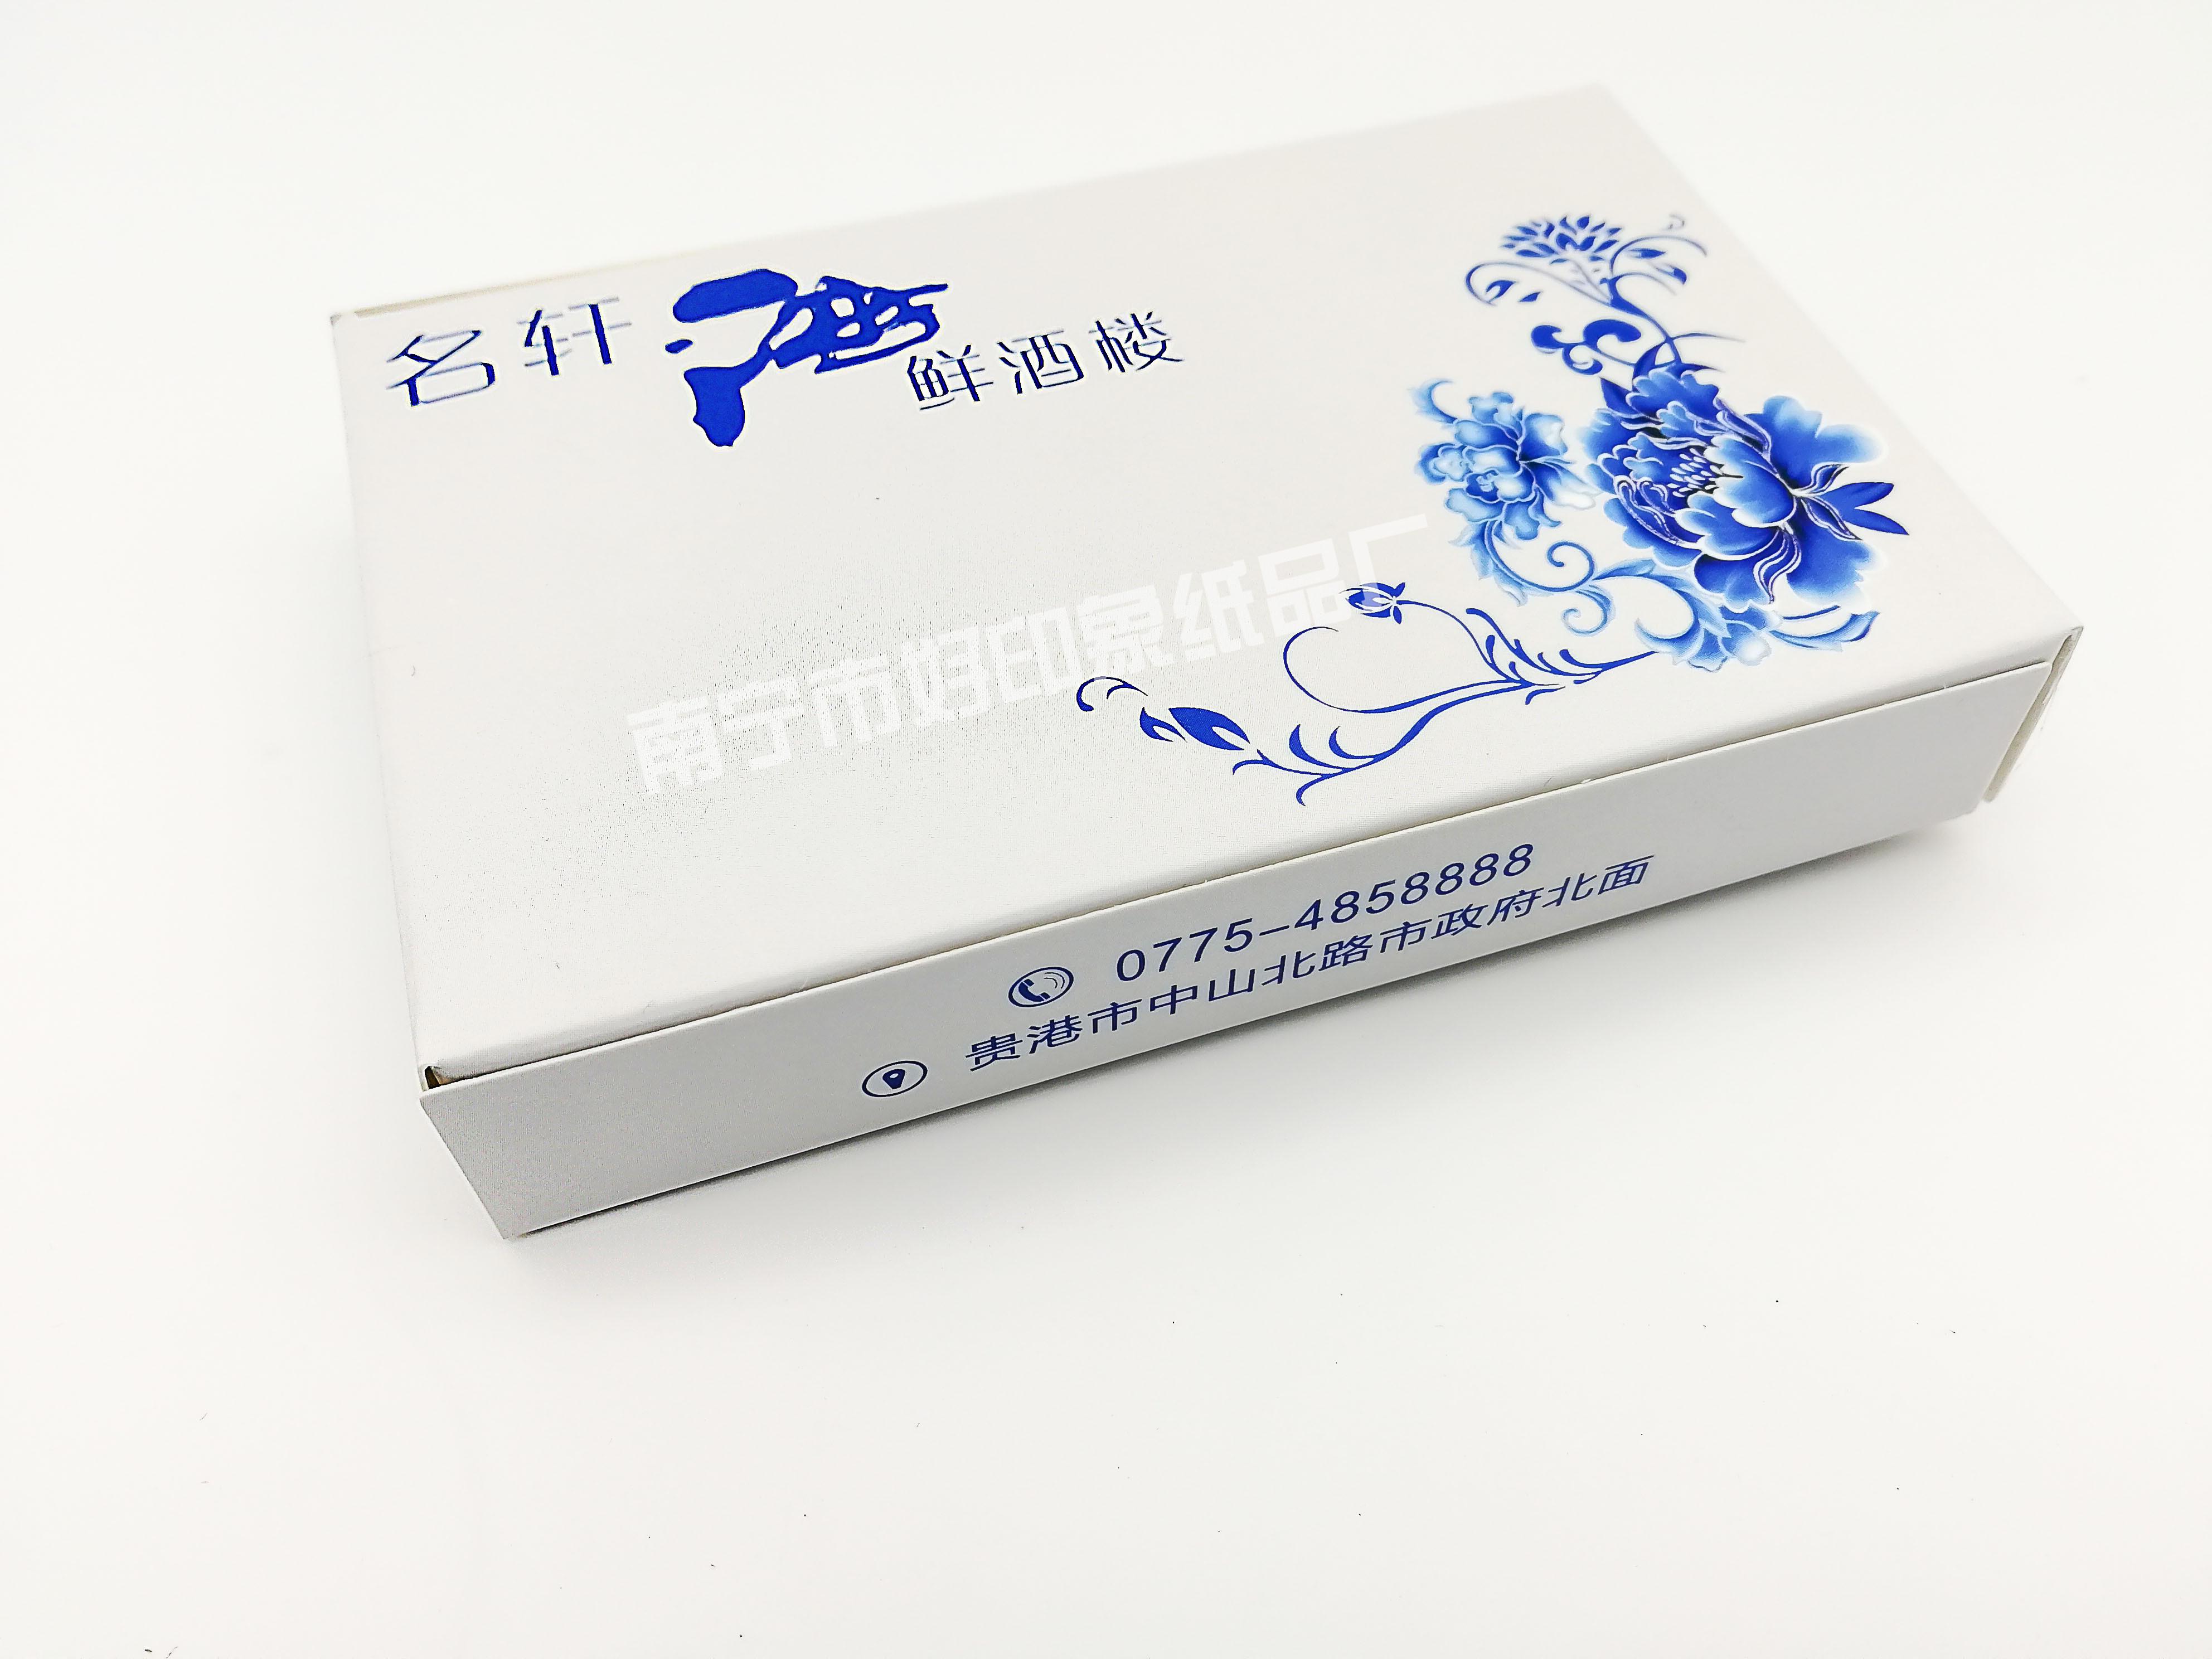 贵港名轩酒楼广告餐巾纸定制